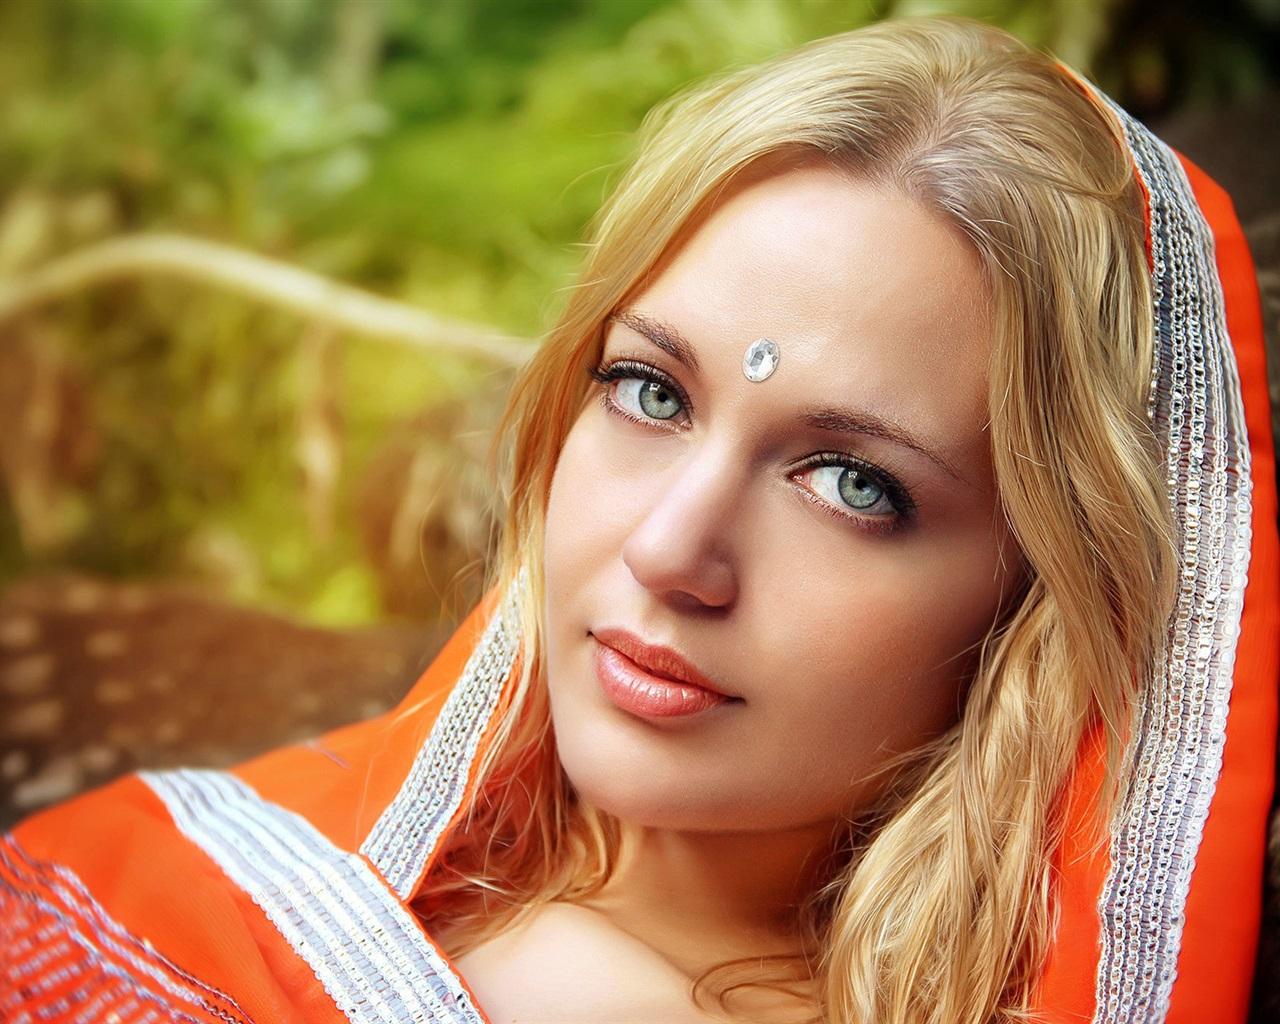 Fonds d 39 cran t l charger 1280x1024 portrait fille for Fond ecran portrait